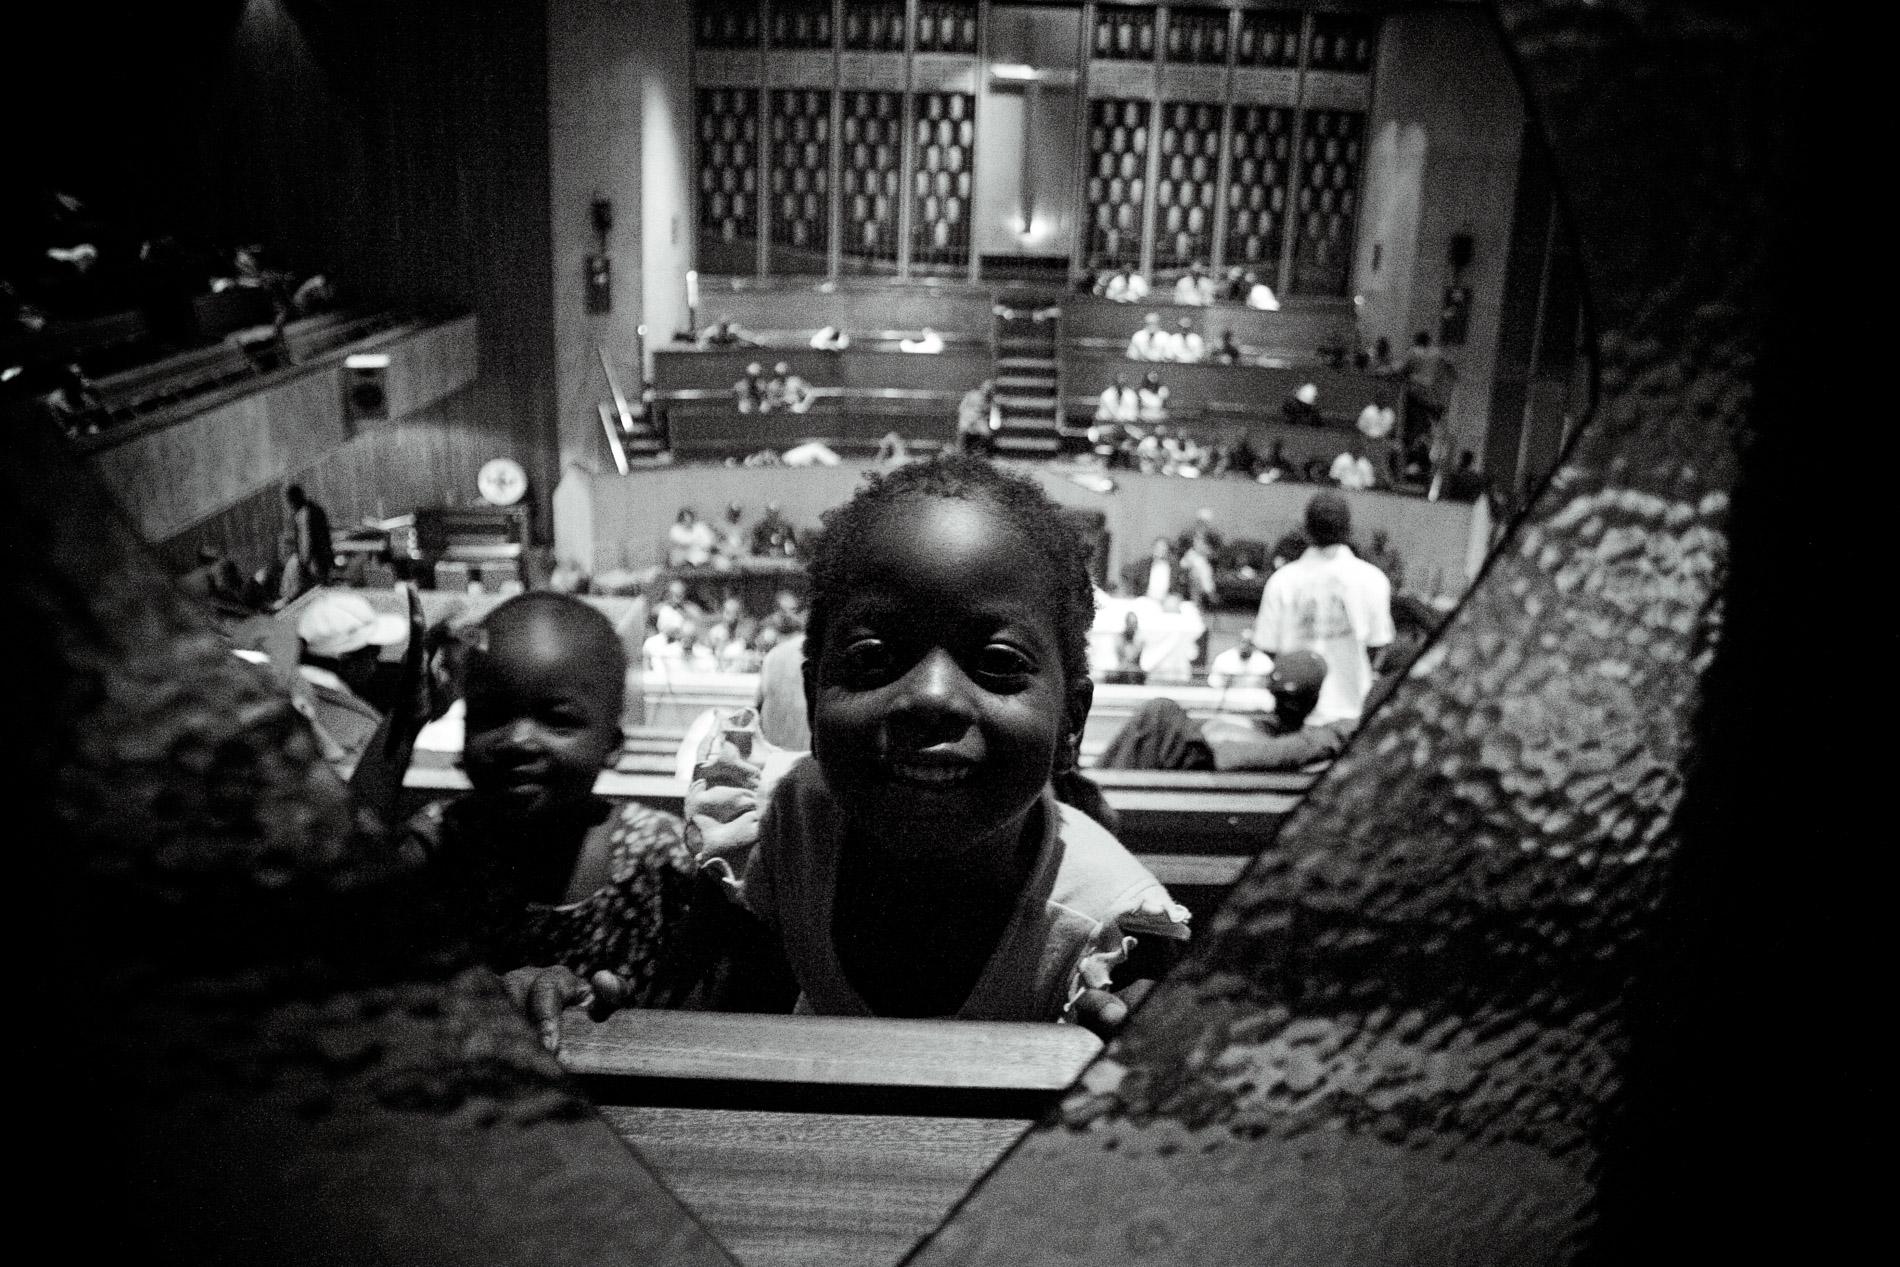 Une enfant joue dans les travées de l'église.